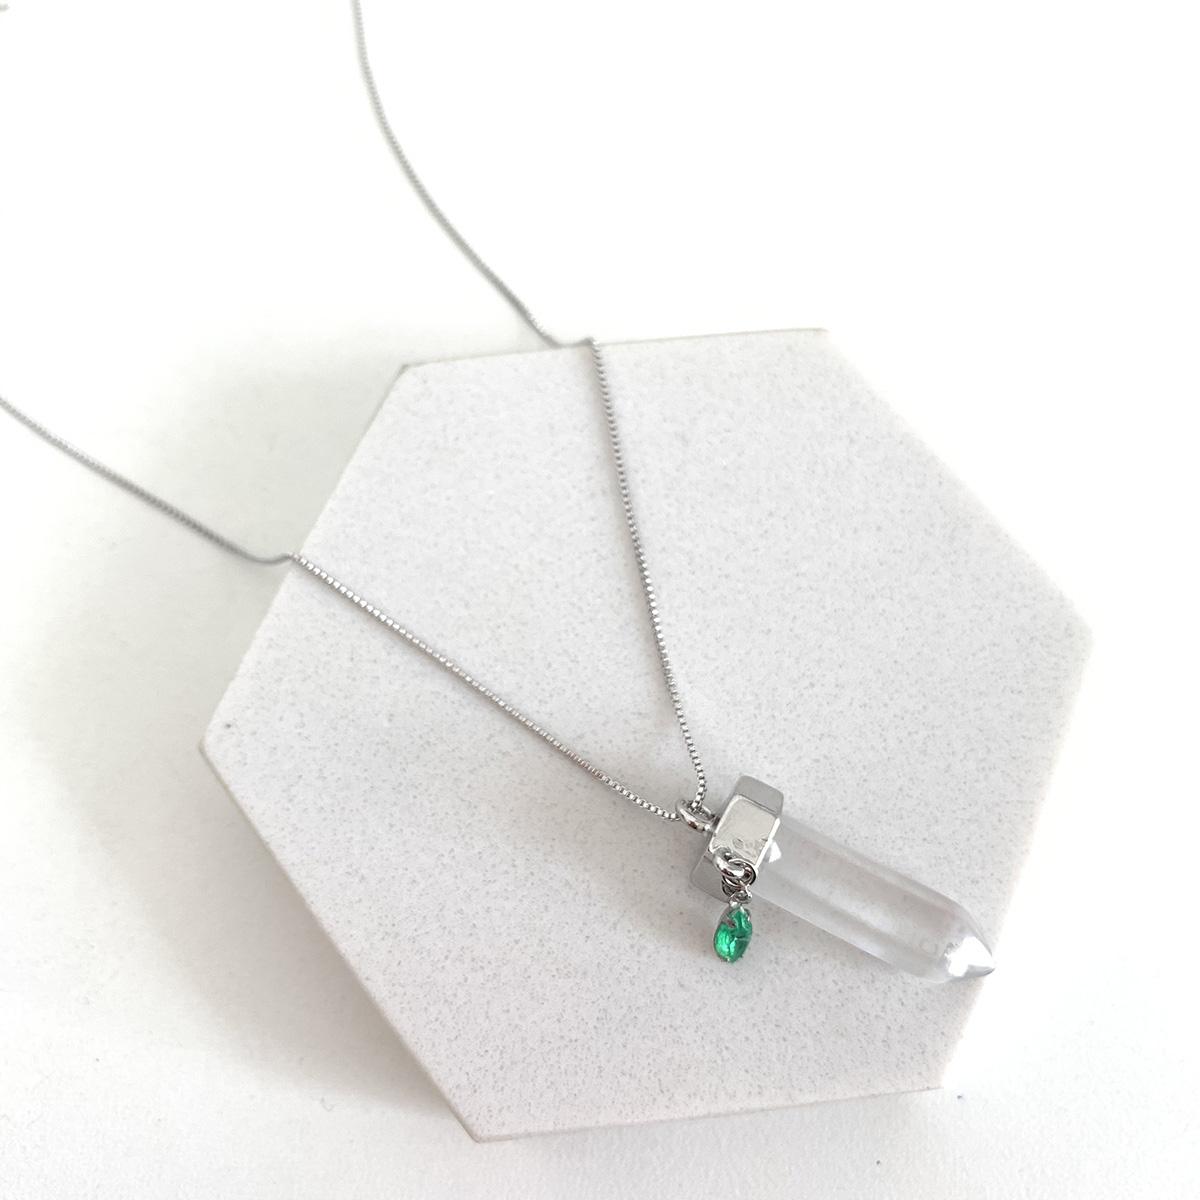 Colar de Bijuteria Ponta de Cristal Pedra Verde Prateado